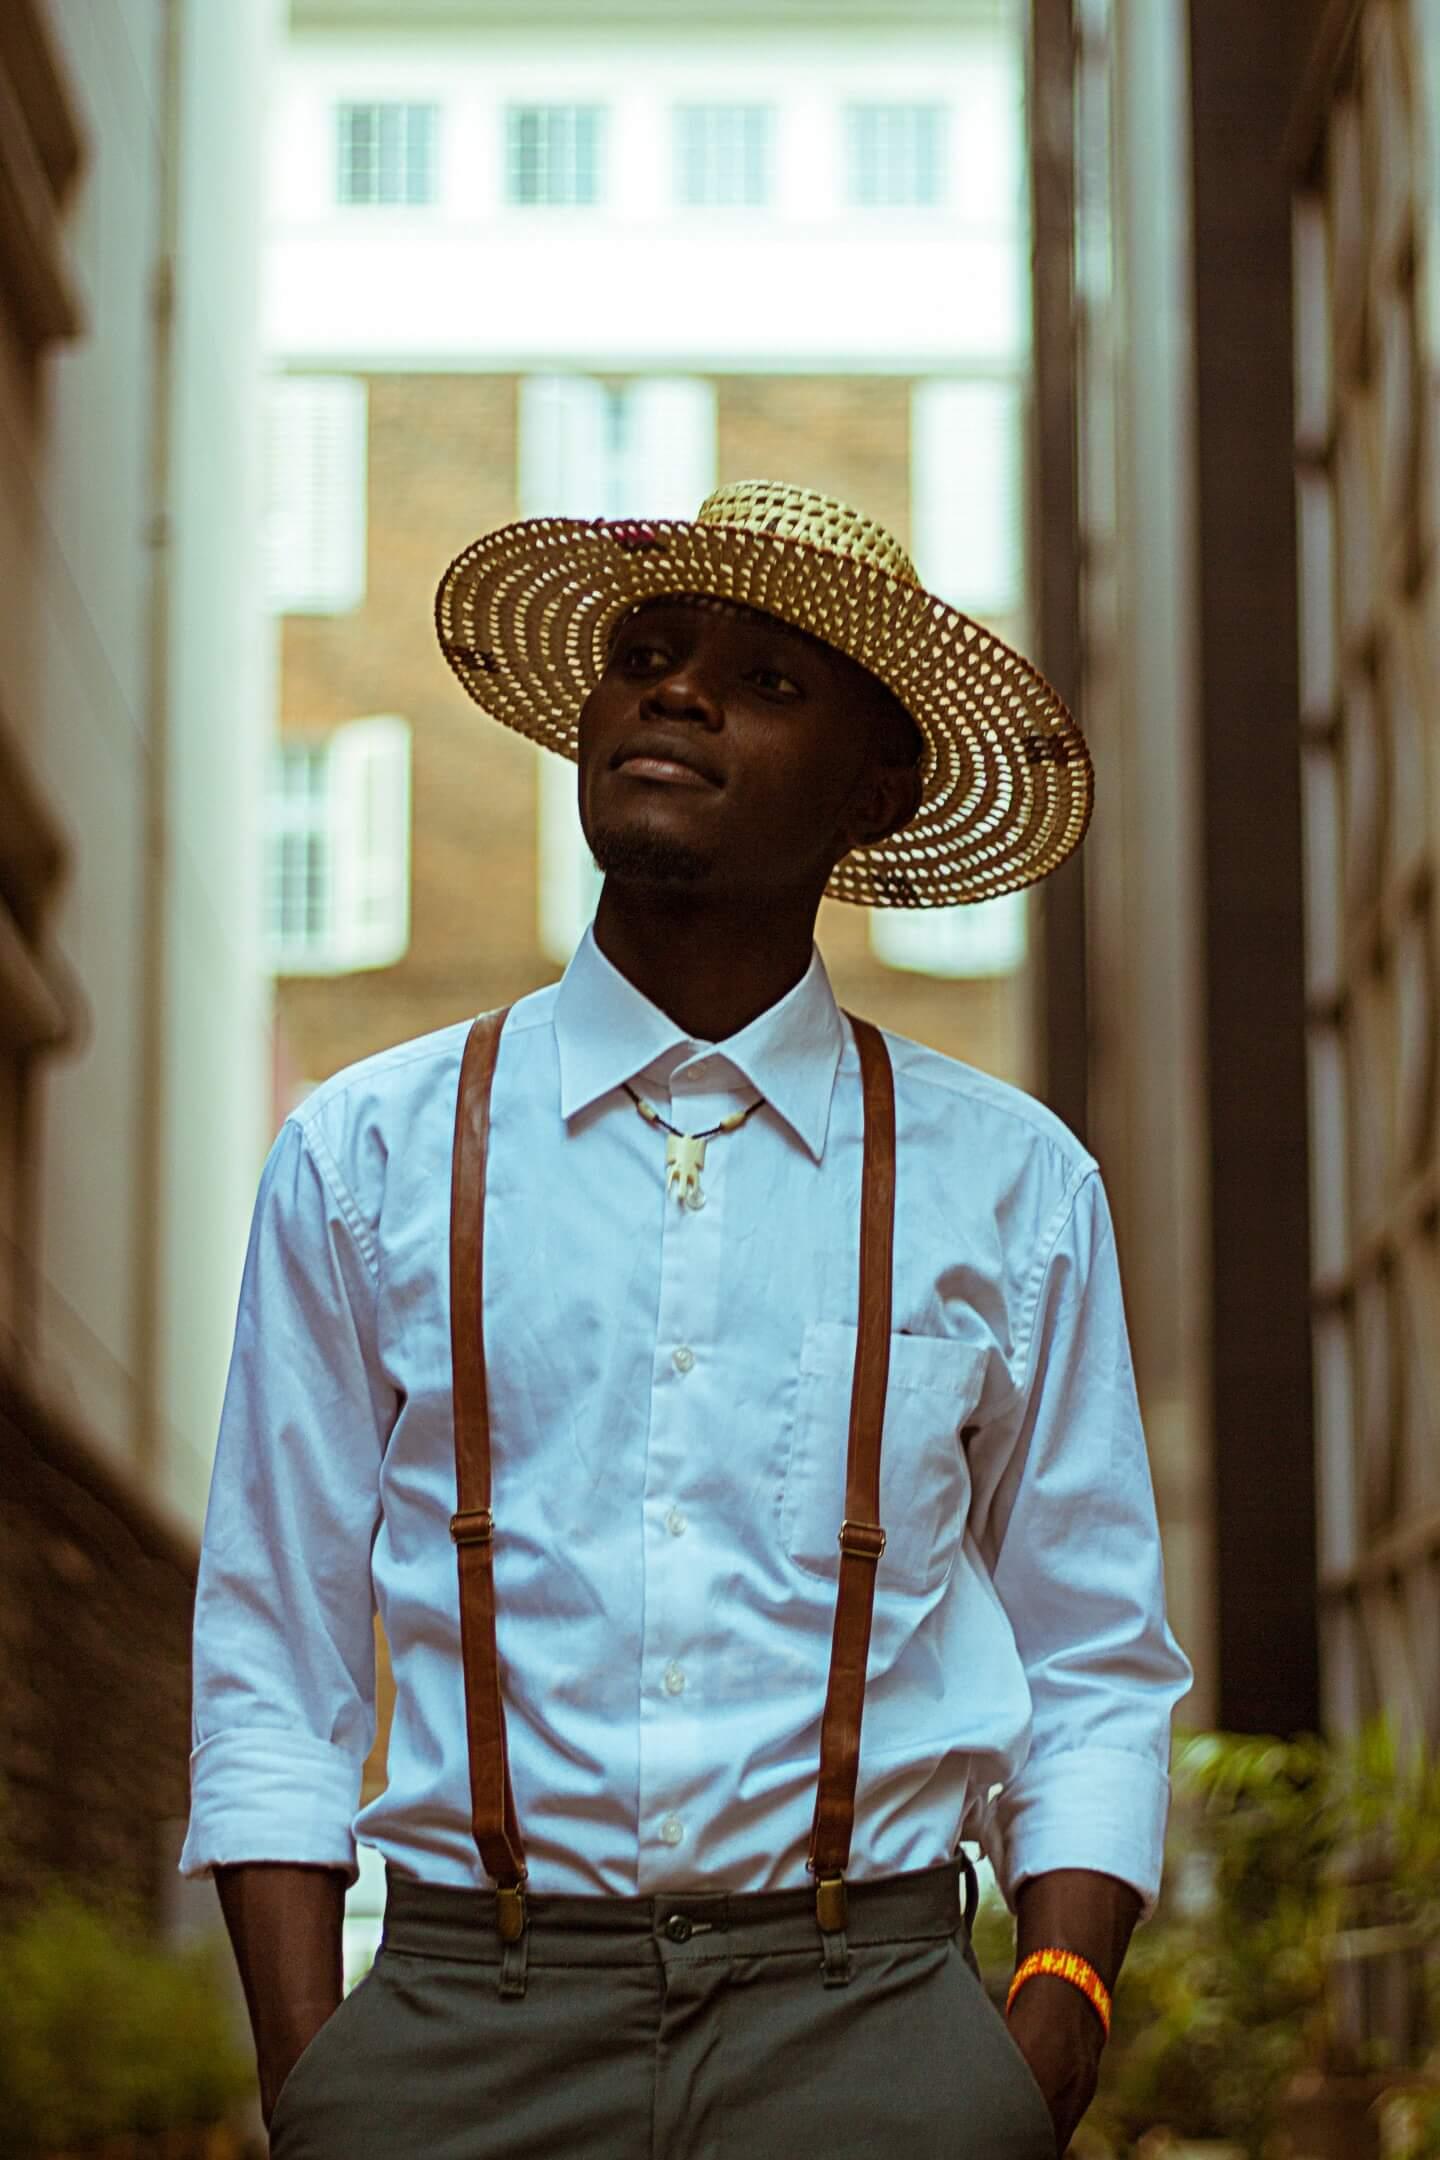 Männer aus afrika kennenlernen